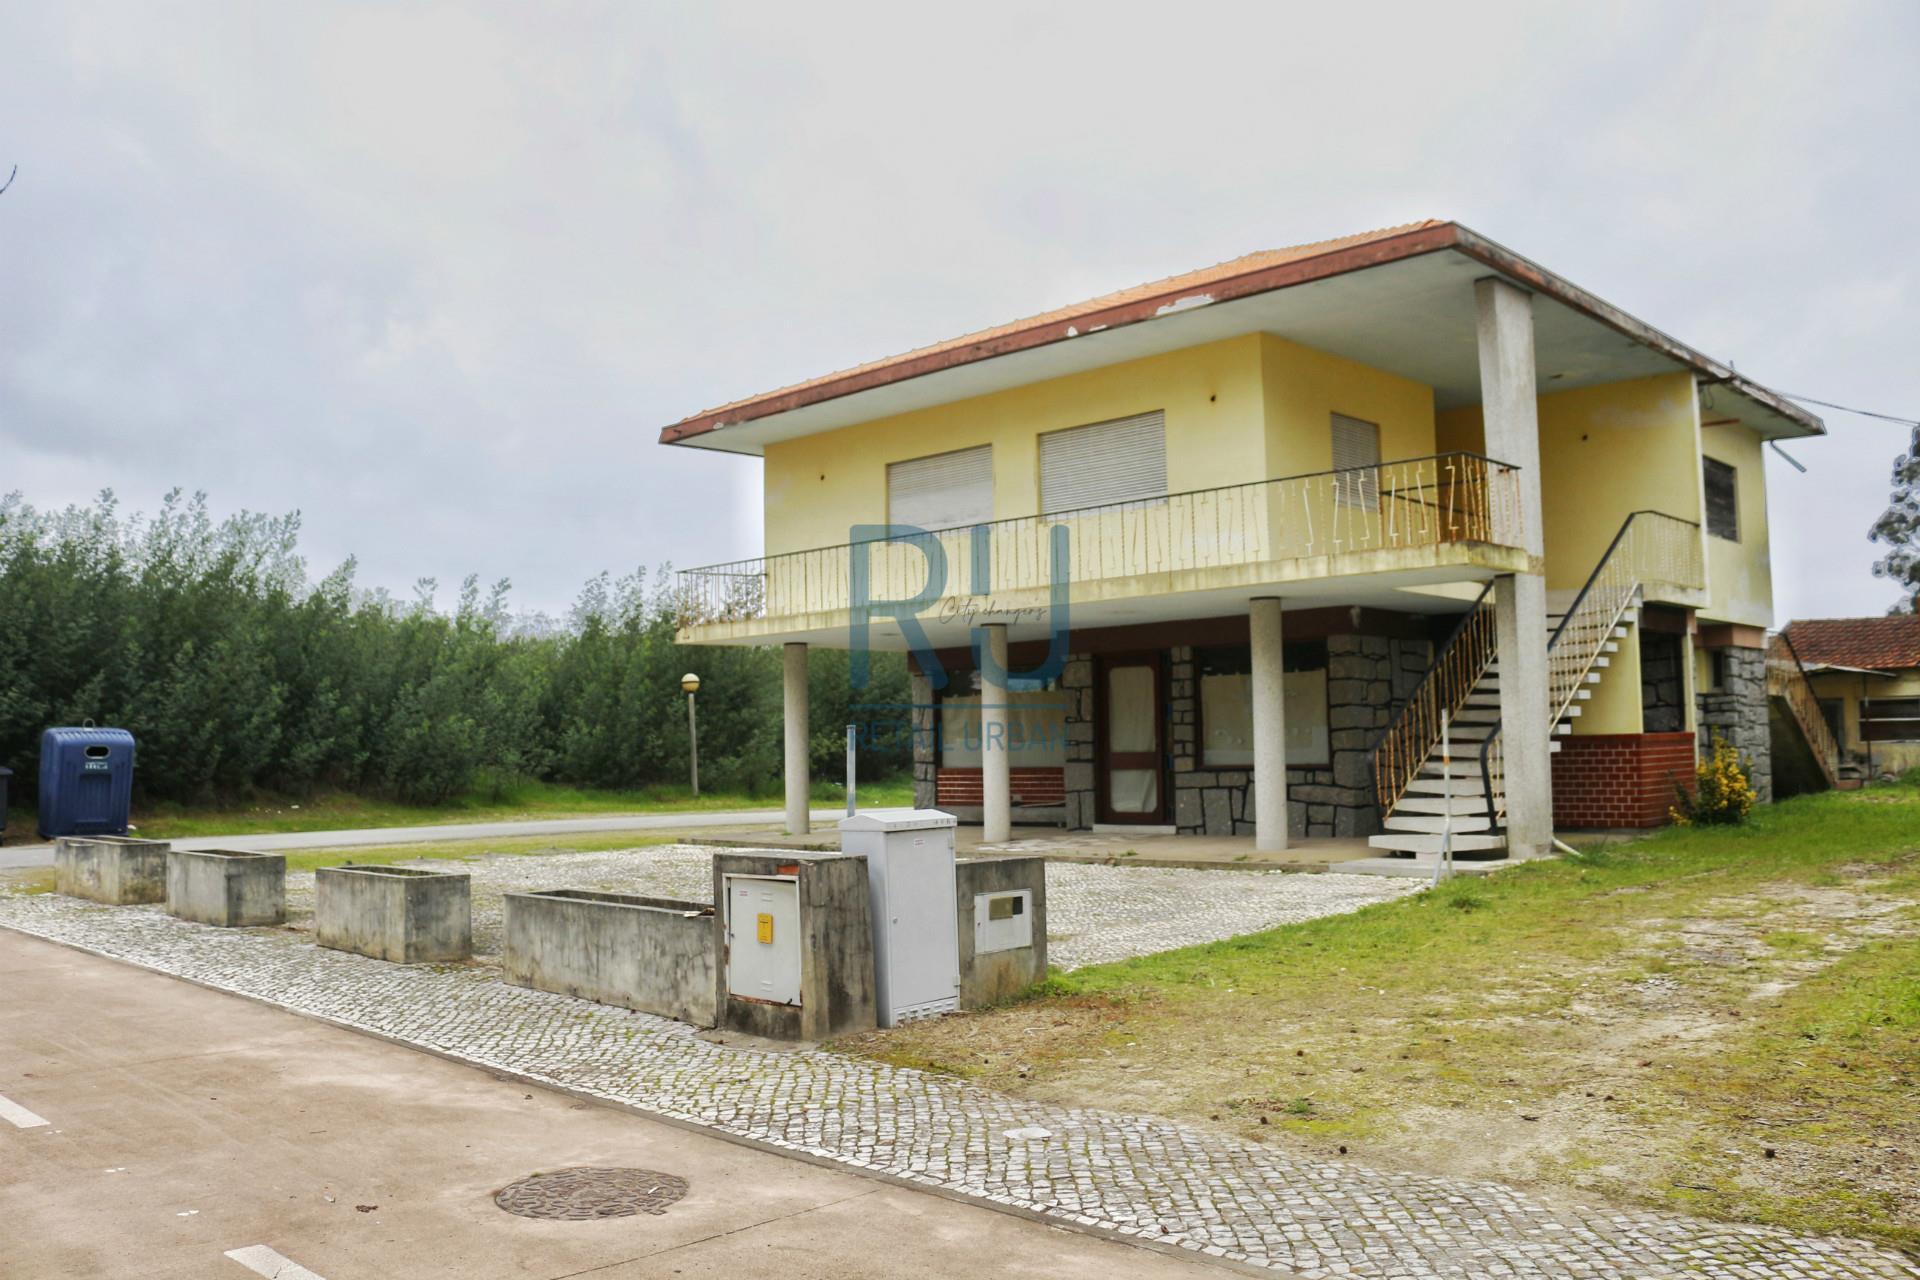 Einfamilienhaus 4 Schlafzimmer Aveiro Ovar Verkaufen 190000 Ref Ru 00001